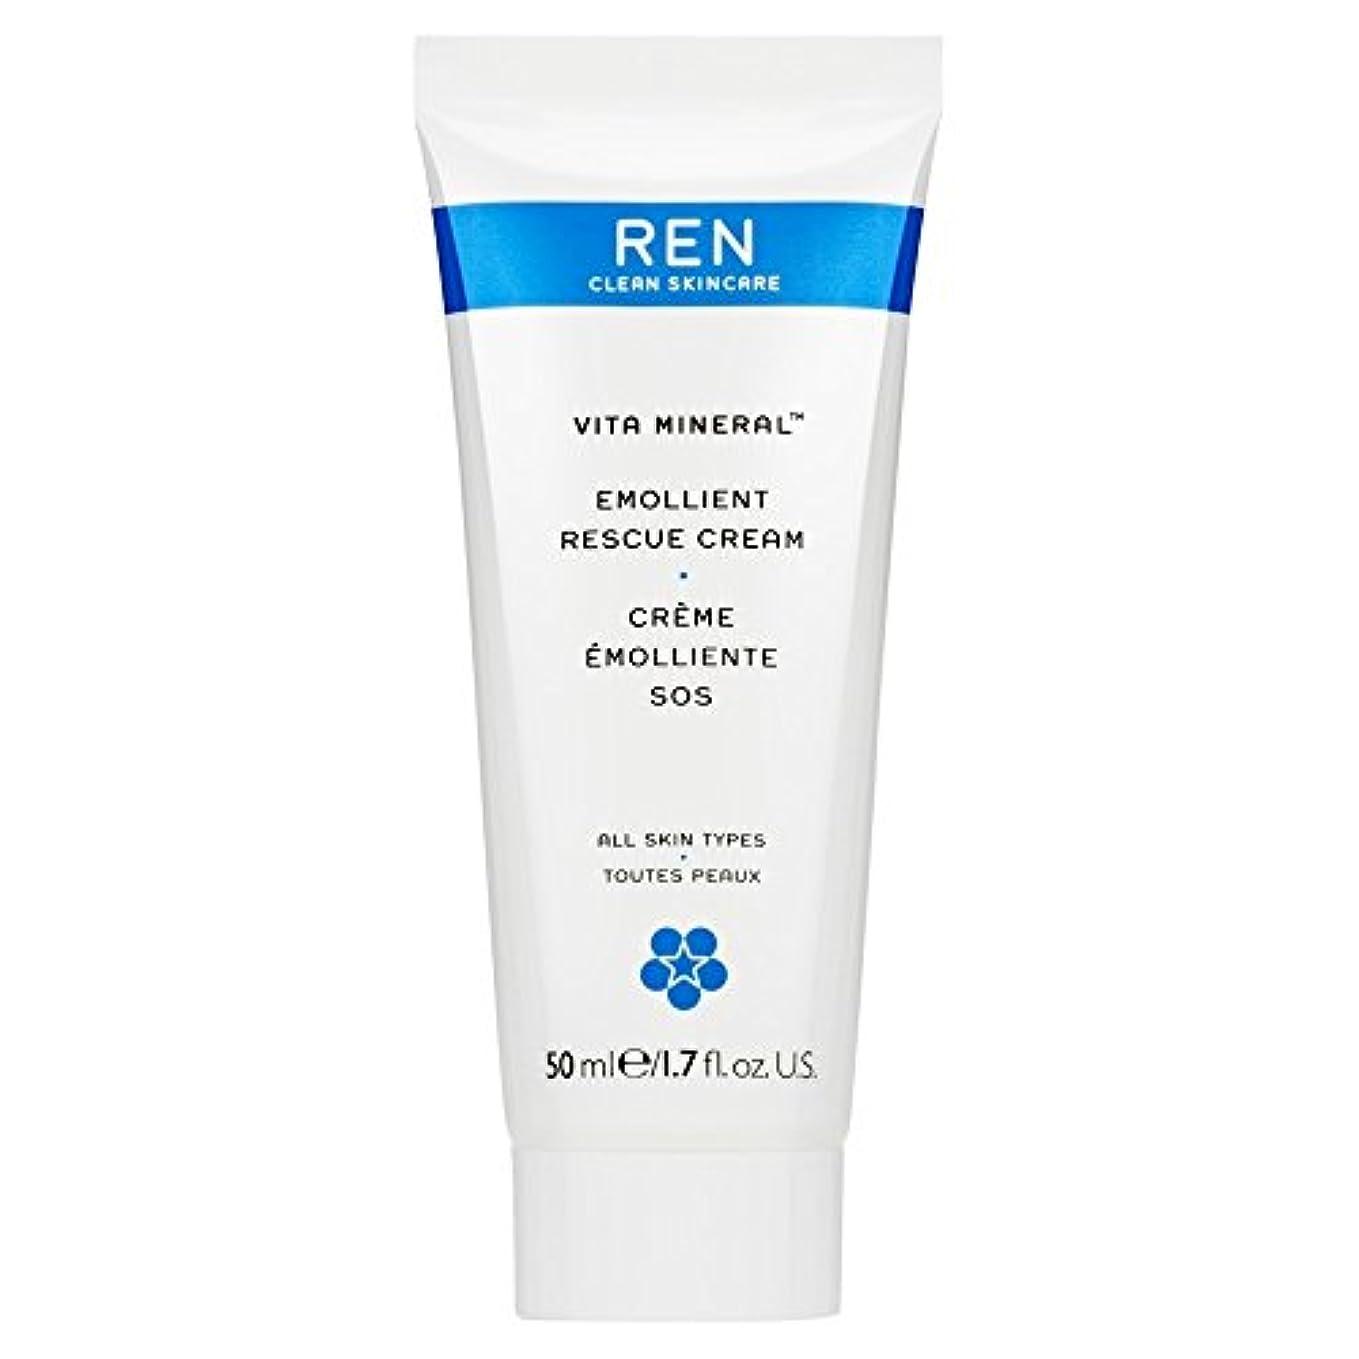 不要雇うマルクス主義Renヴィータミネラルレスキュークリーム、50ミリリットル (REN) - REN Vita Mineral Rescue Cream, 50ml [並行輸入品]